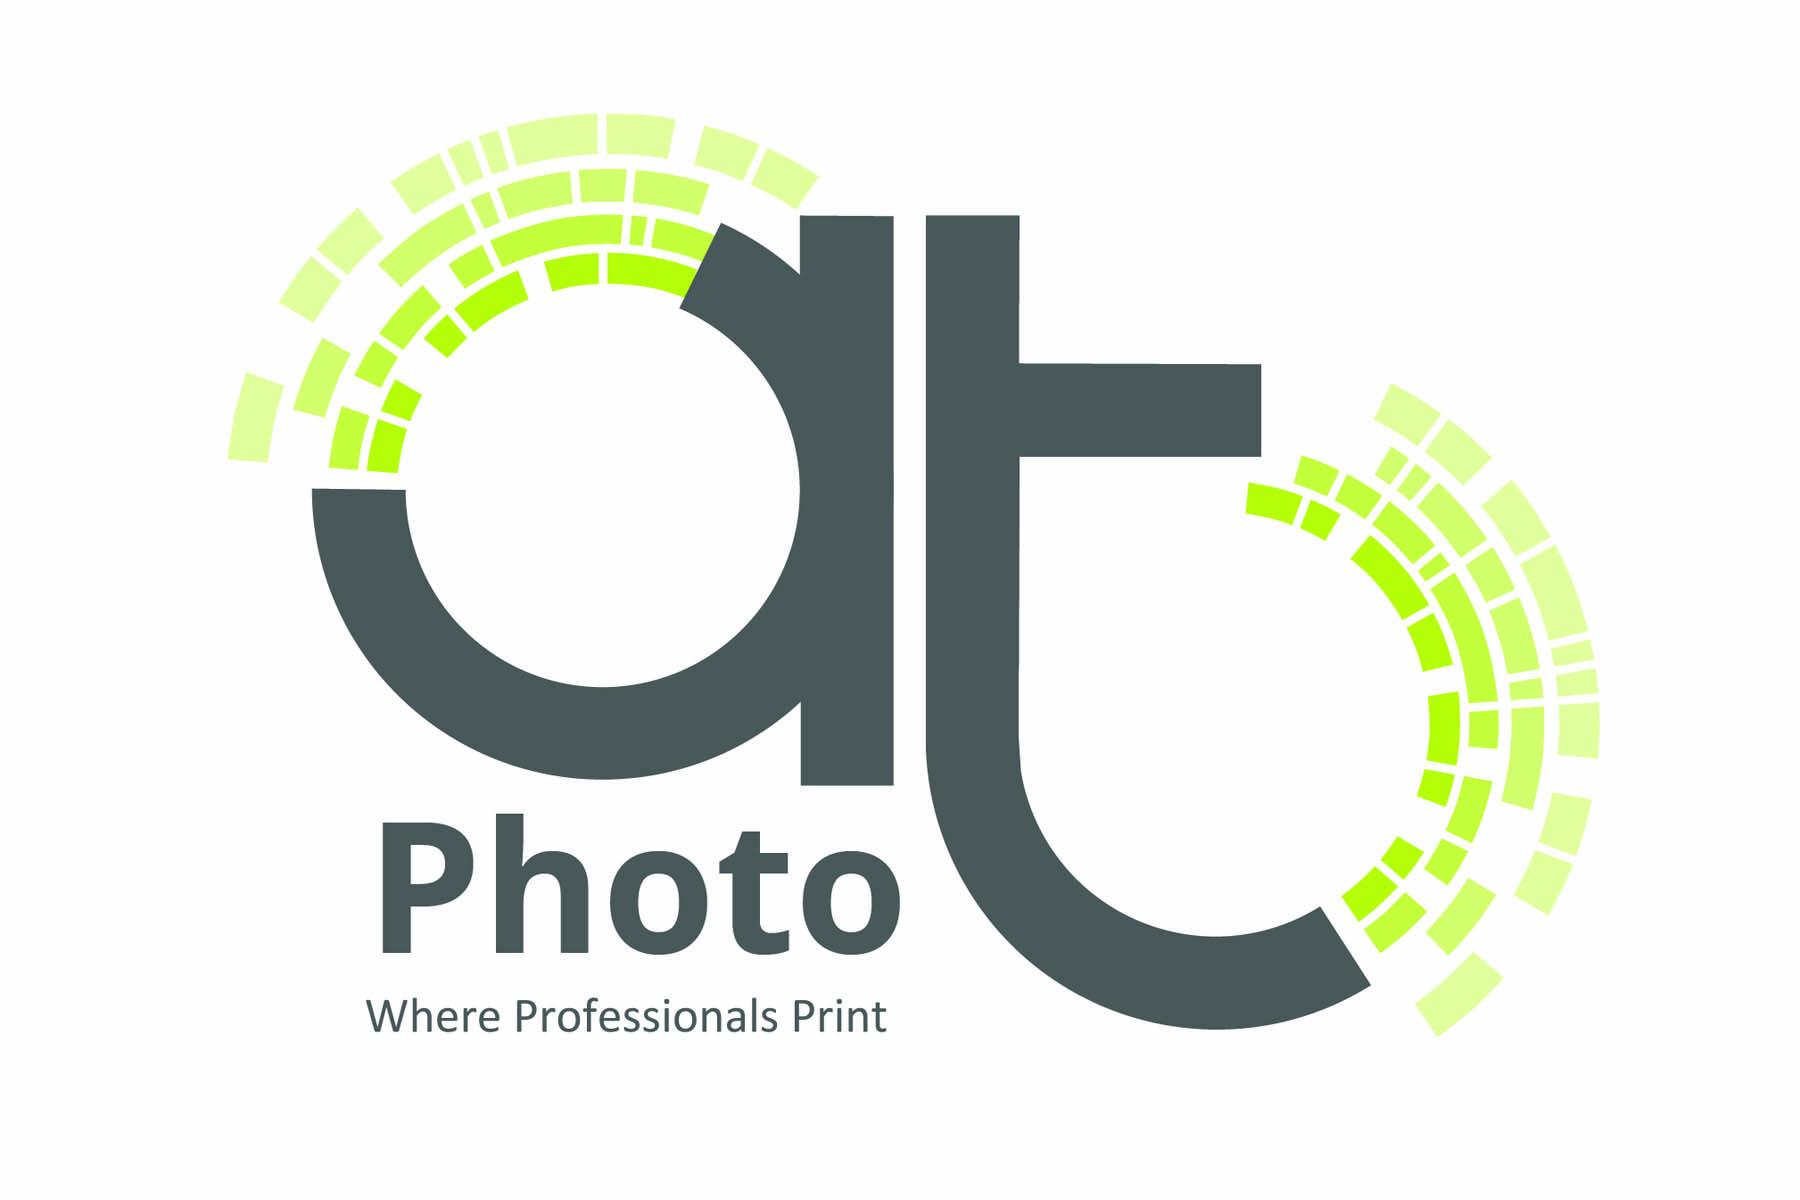 atphoto